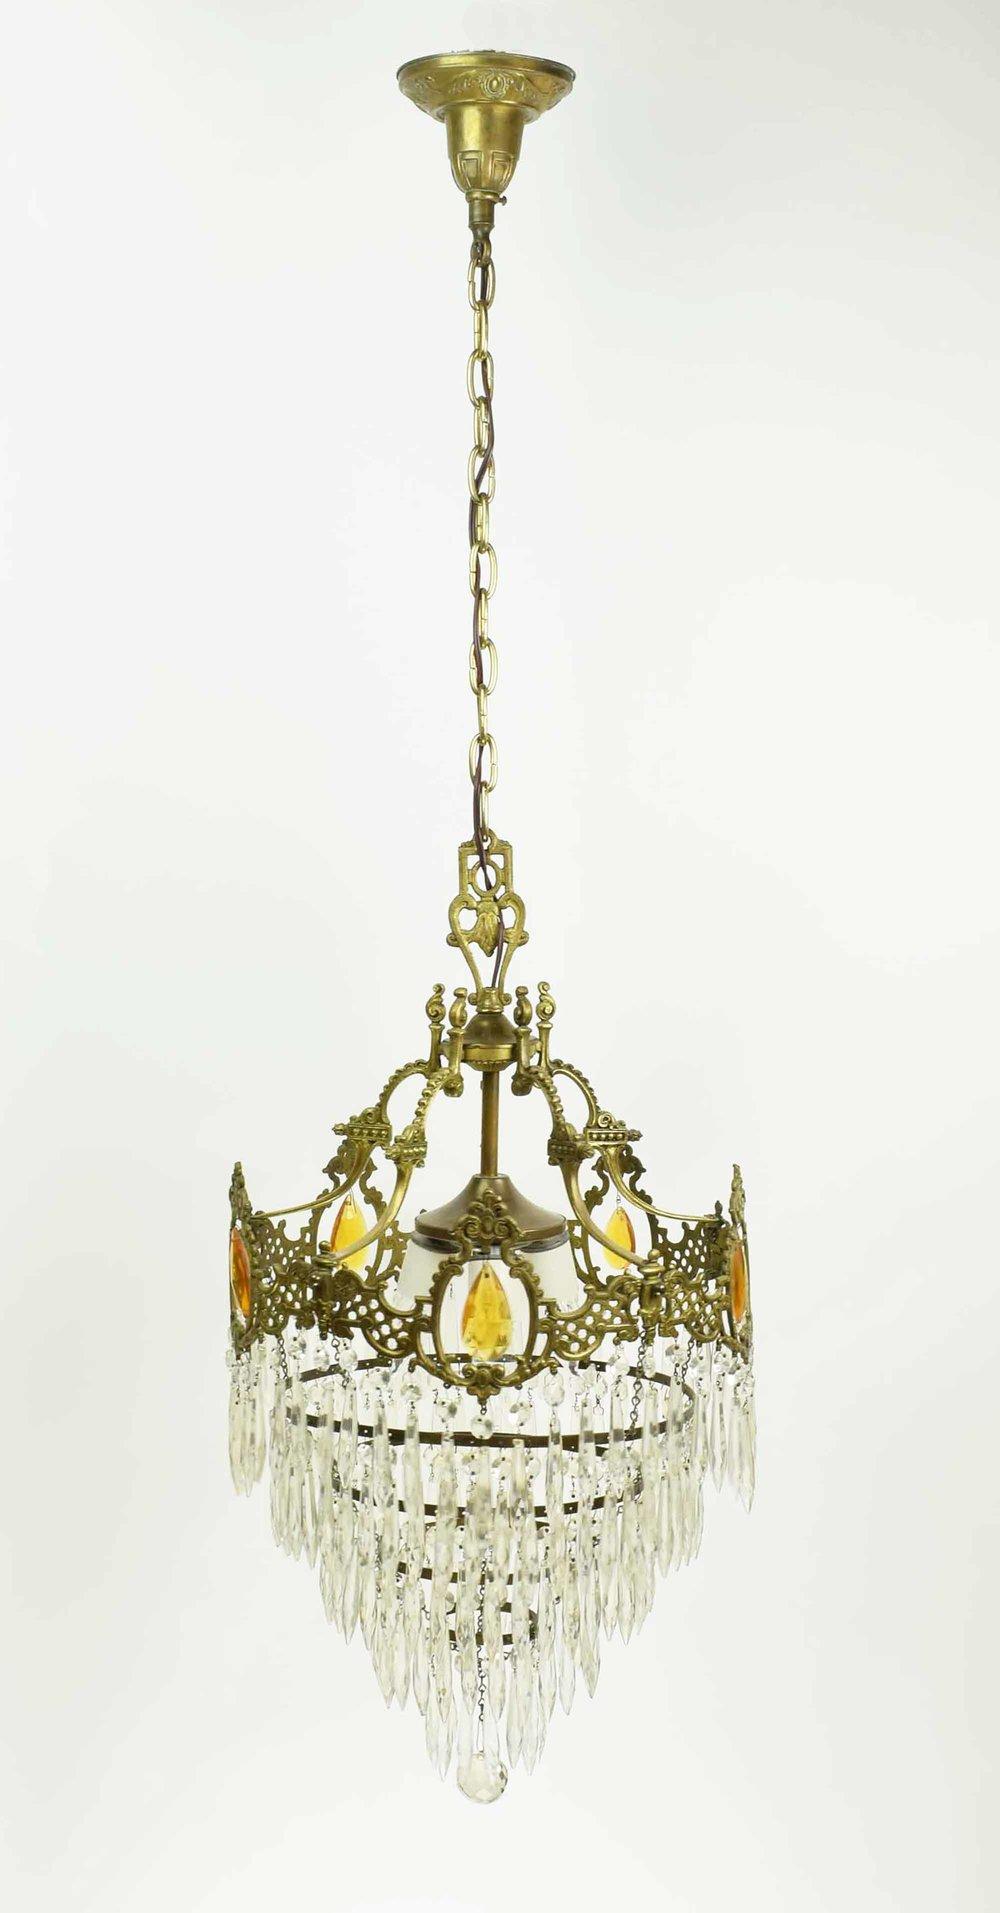 46932-wedding-cake-chandelier-FULL.jpg